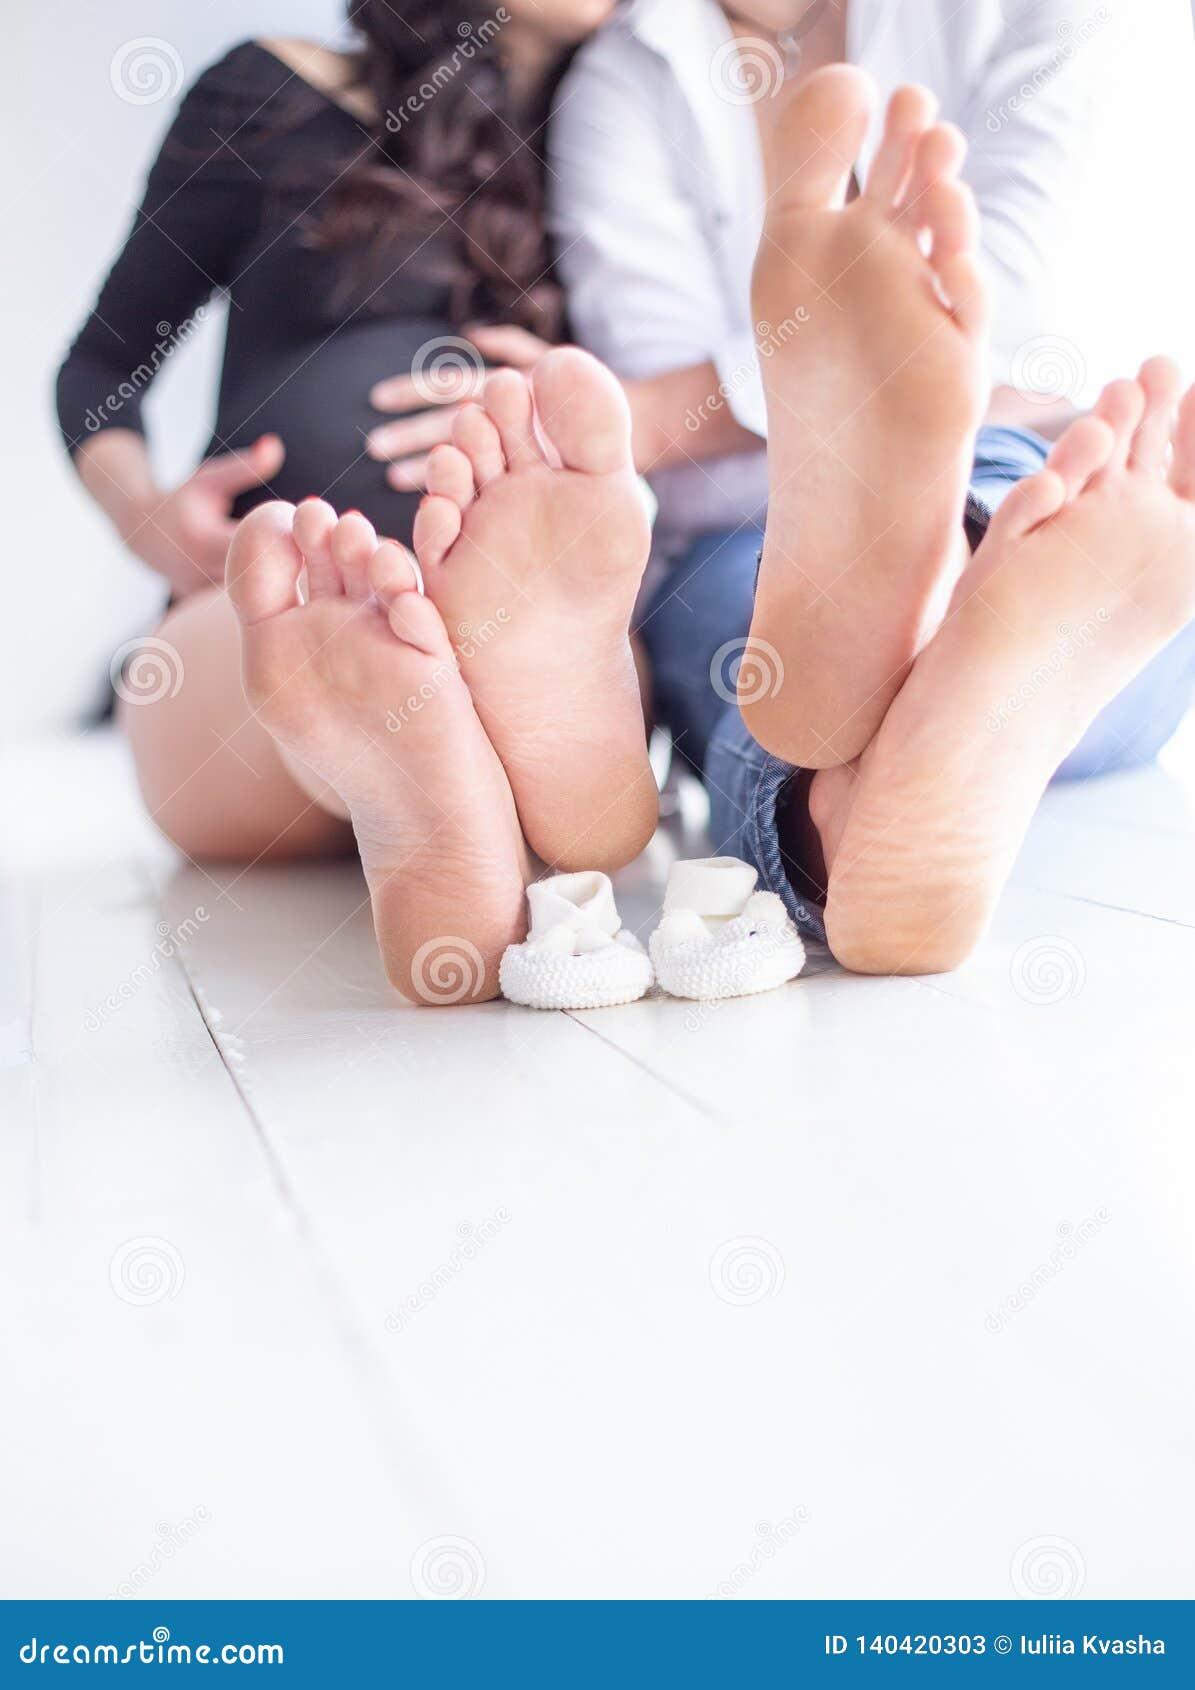 Μια έγκυος γυναίκα και ο σύζυγός της που κρατούν τα χέρια τους η έγκυος γυναίκα συζύγω&n